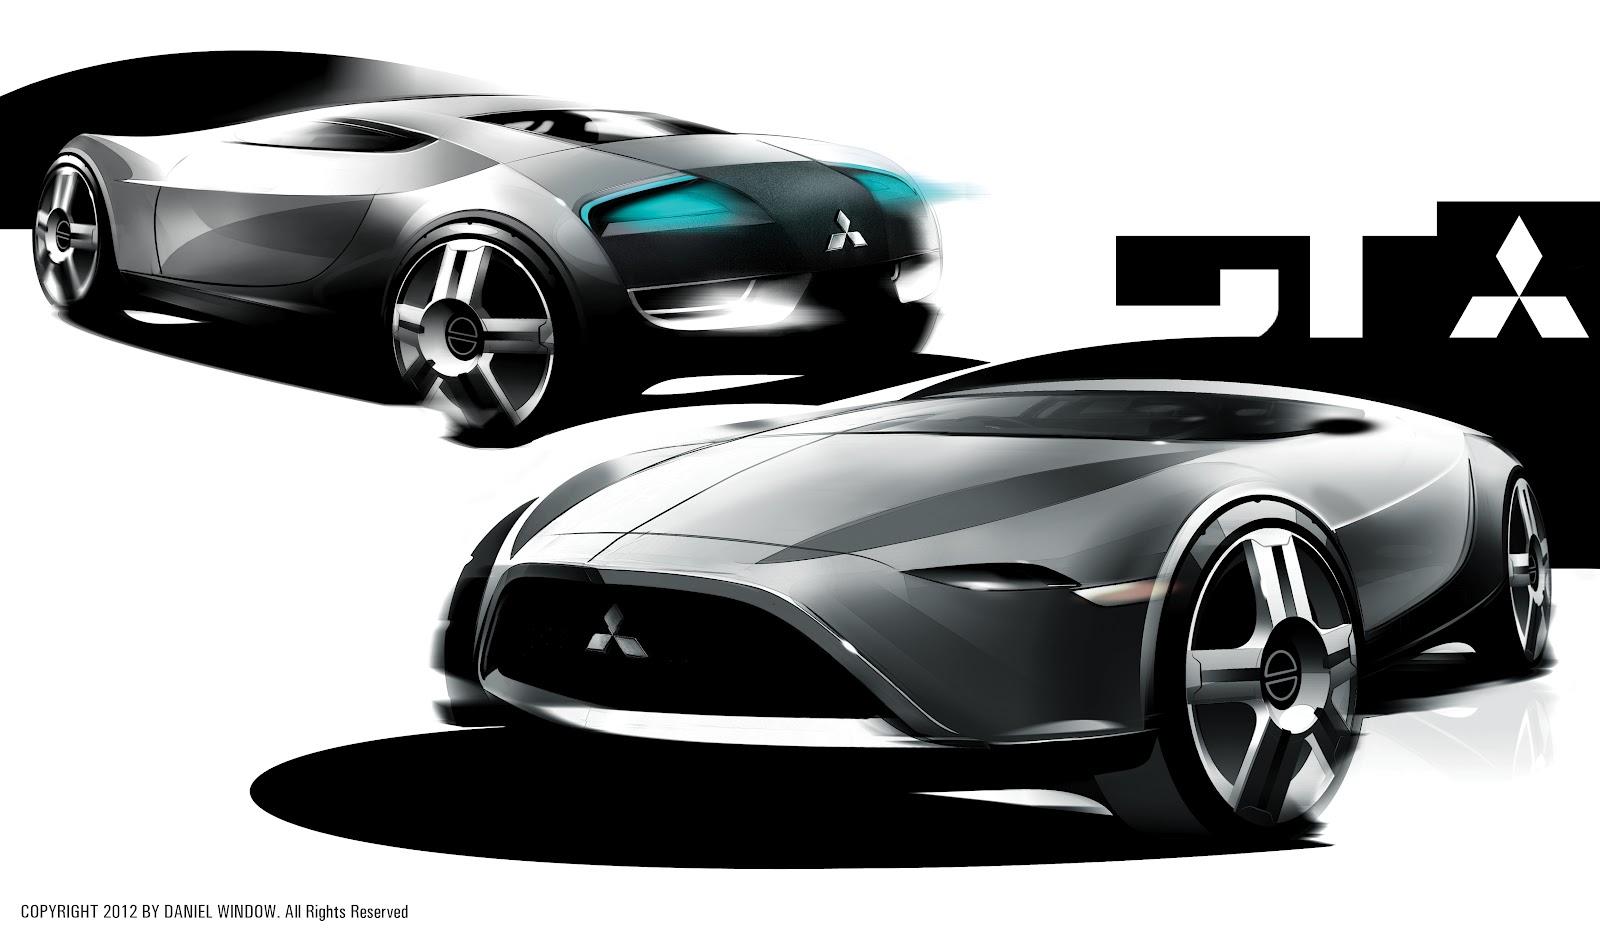 Dan Window Vehicle Design: Mitsubishi Sketches